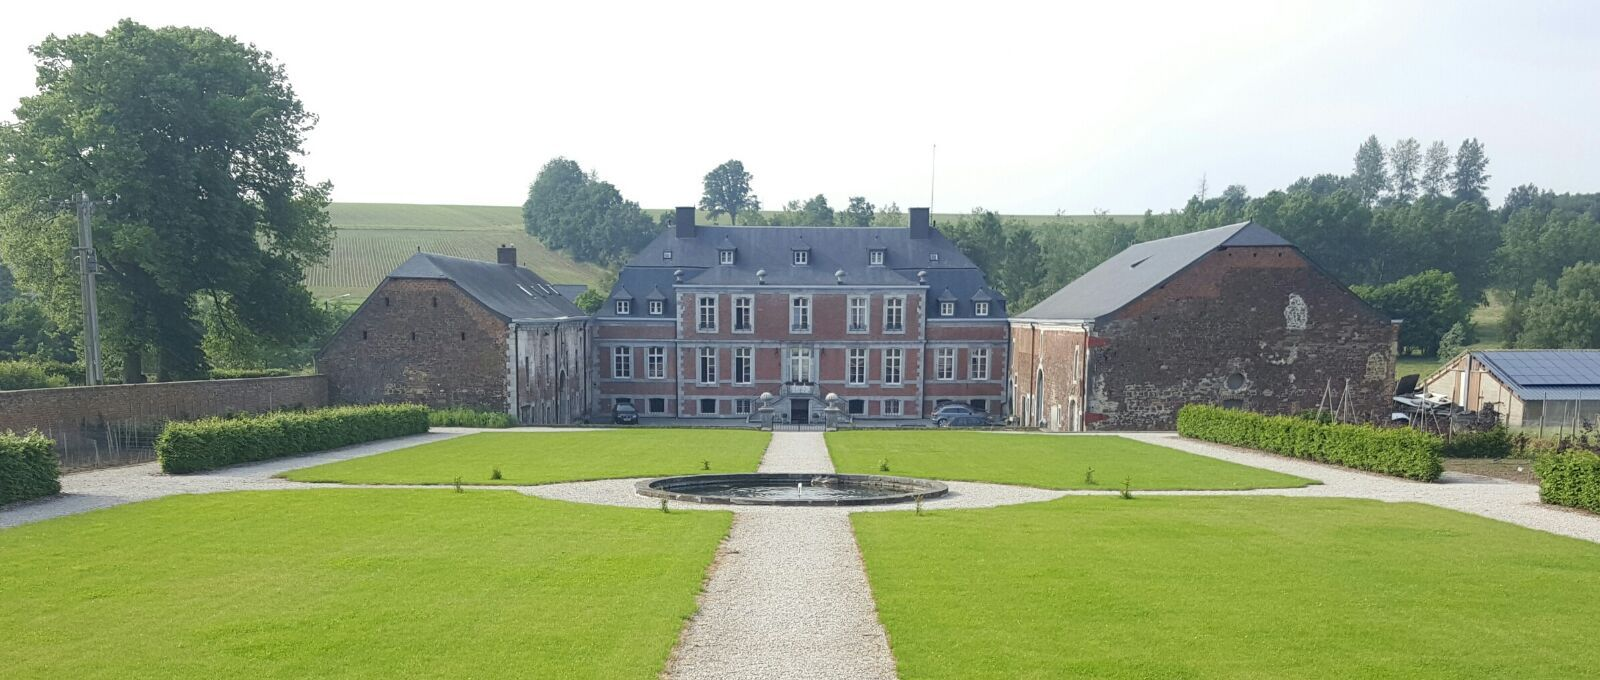 STAGE de médiumnité de guérison et transe-guérison – à Goesnes (Belgique) – du mercredi 26 au dimanche 30 mai 2021